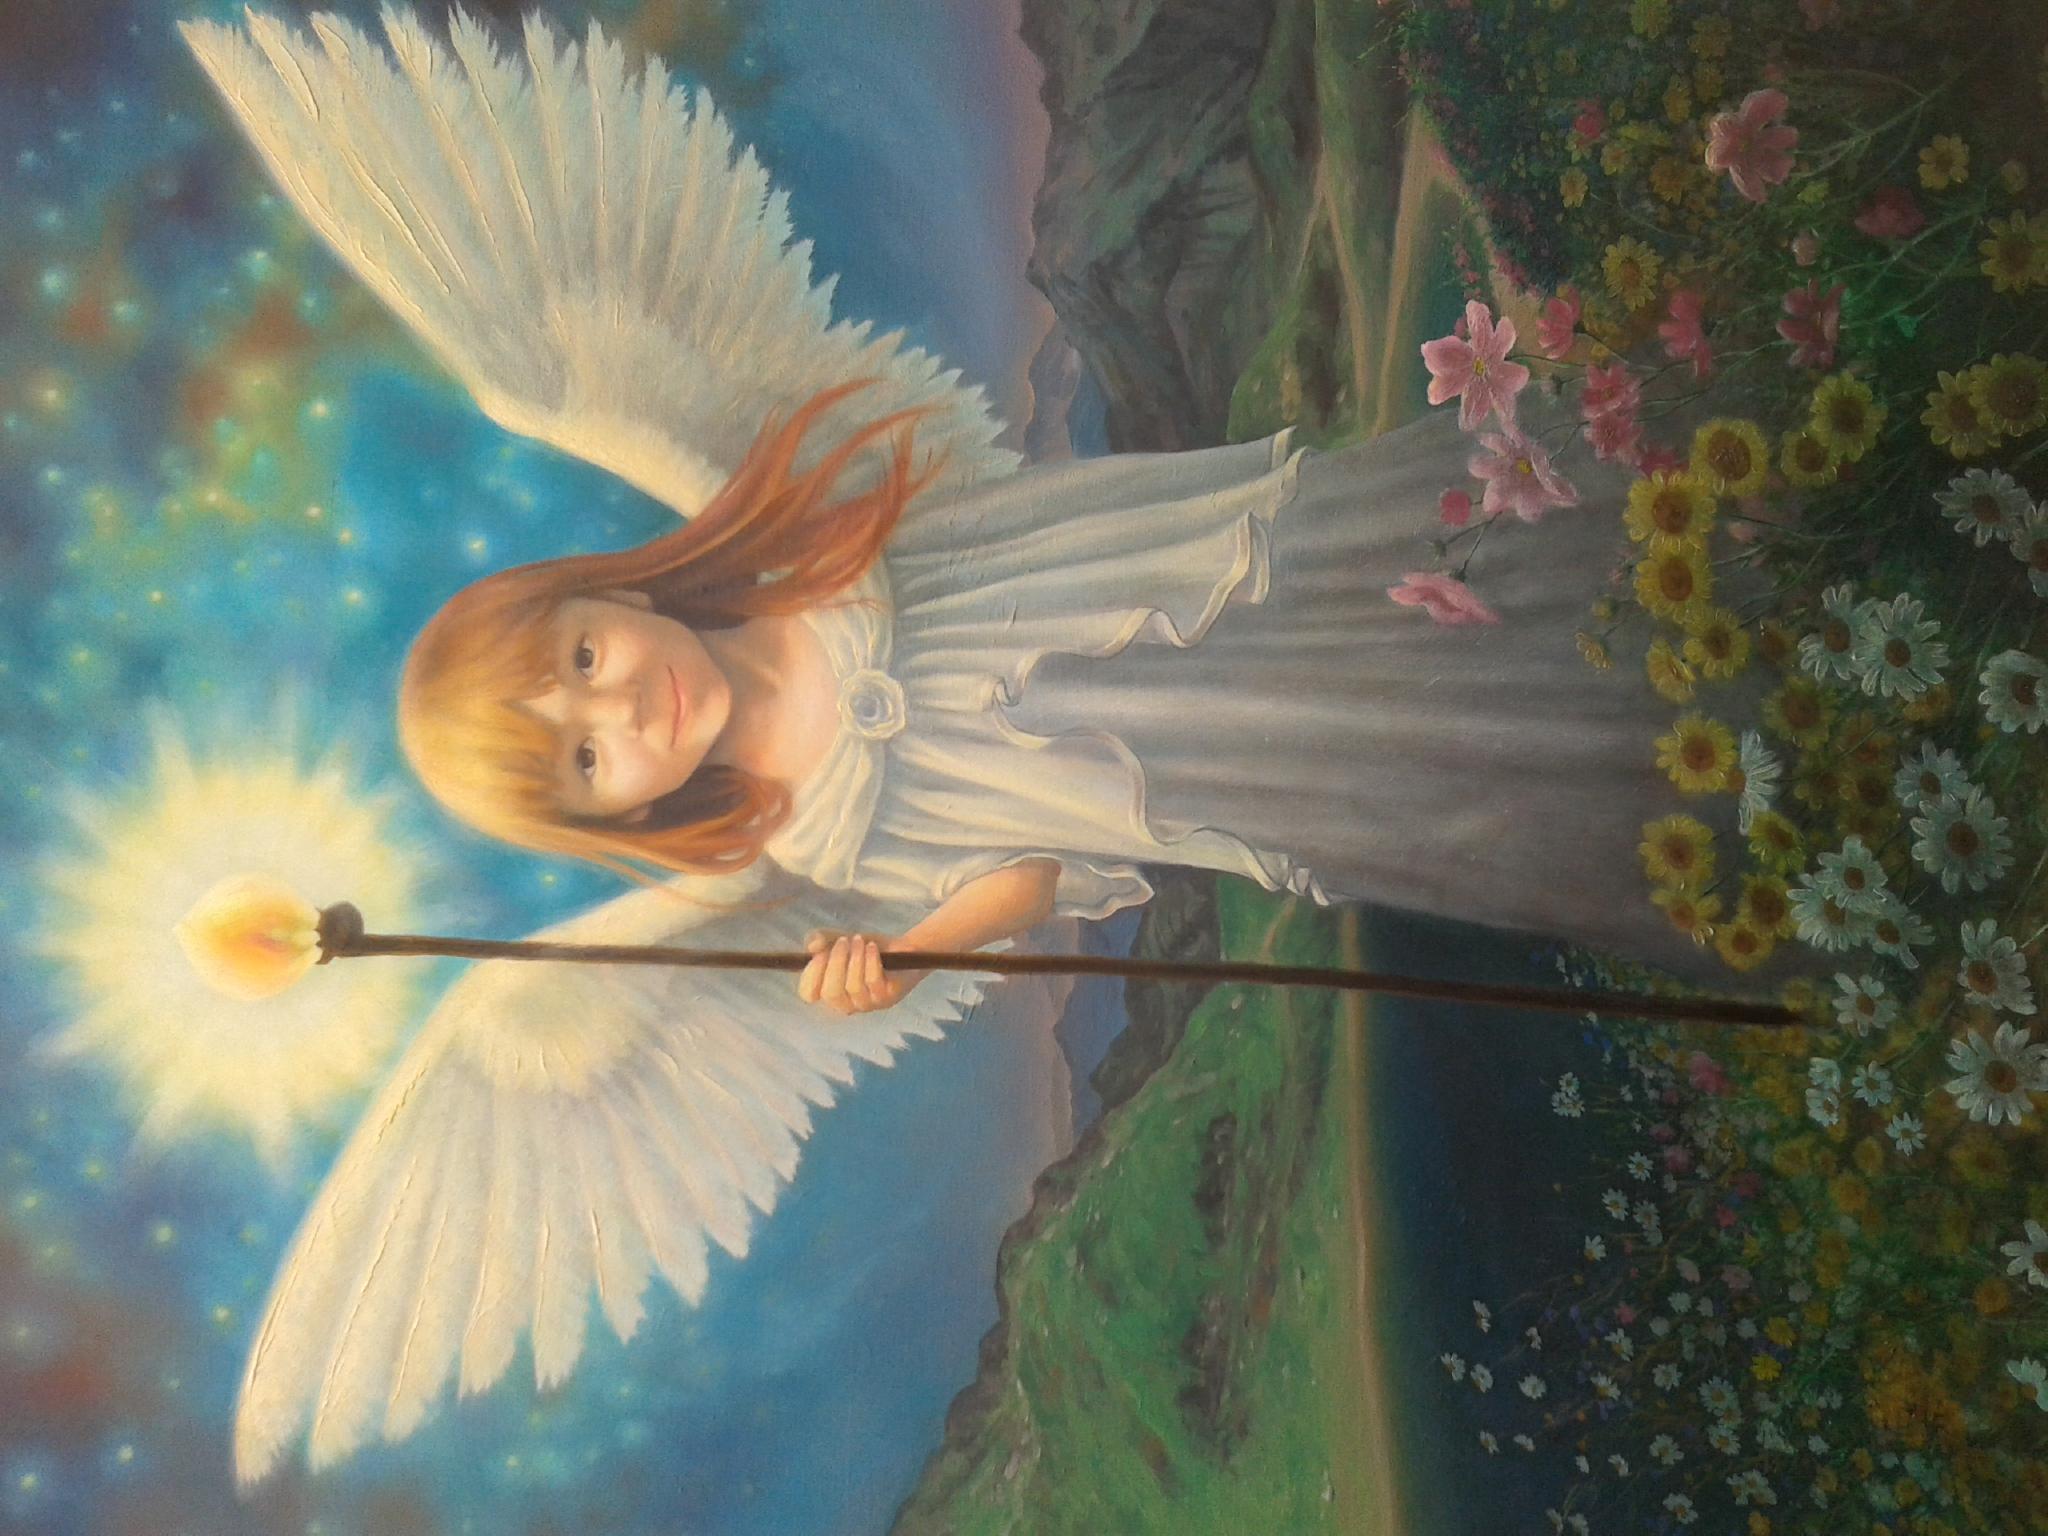 L'ange de lumière